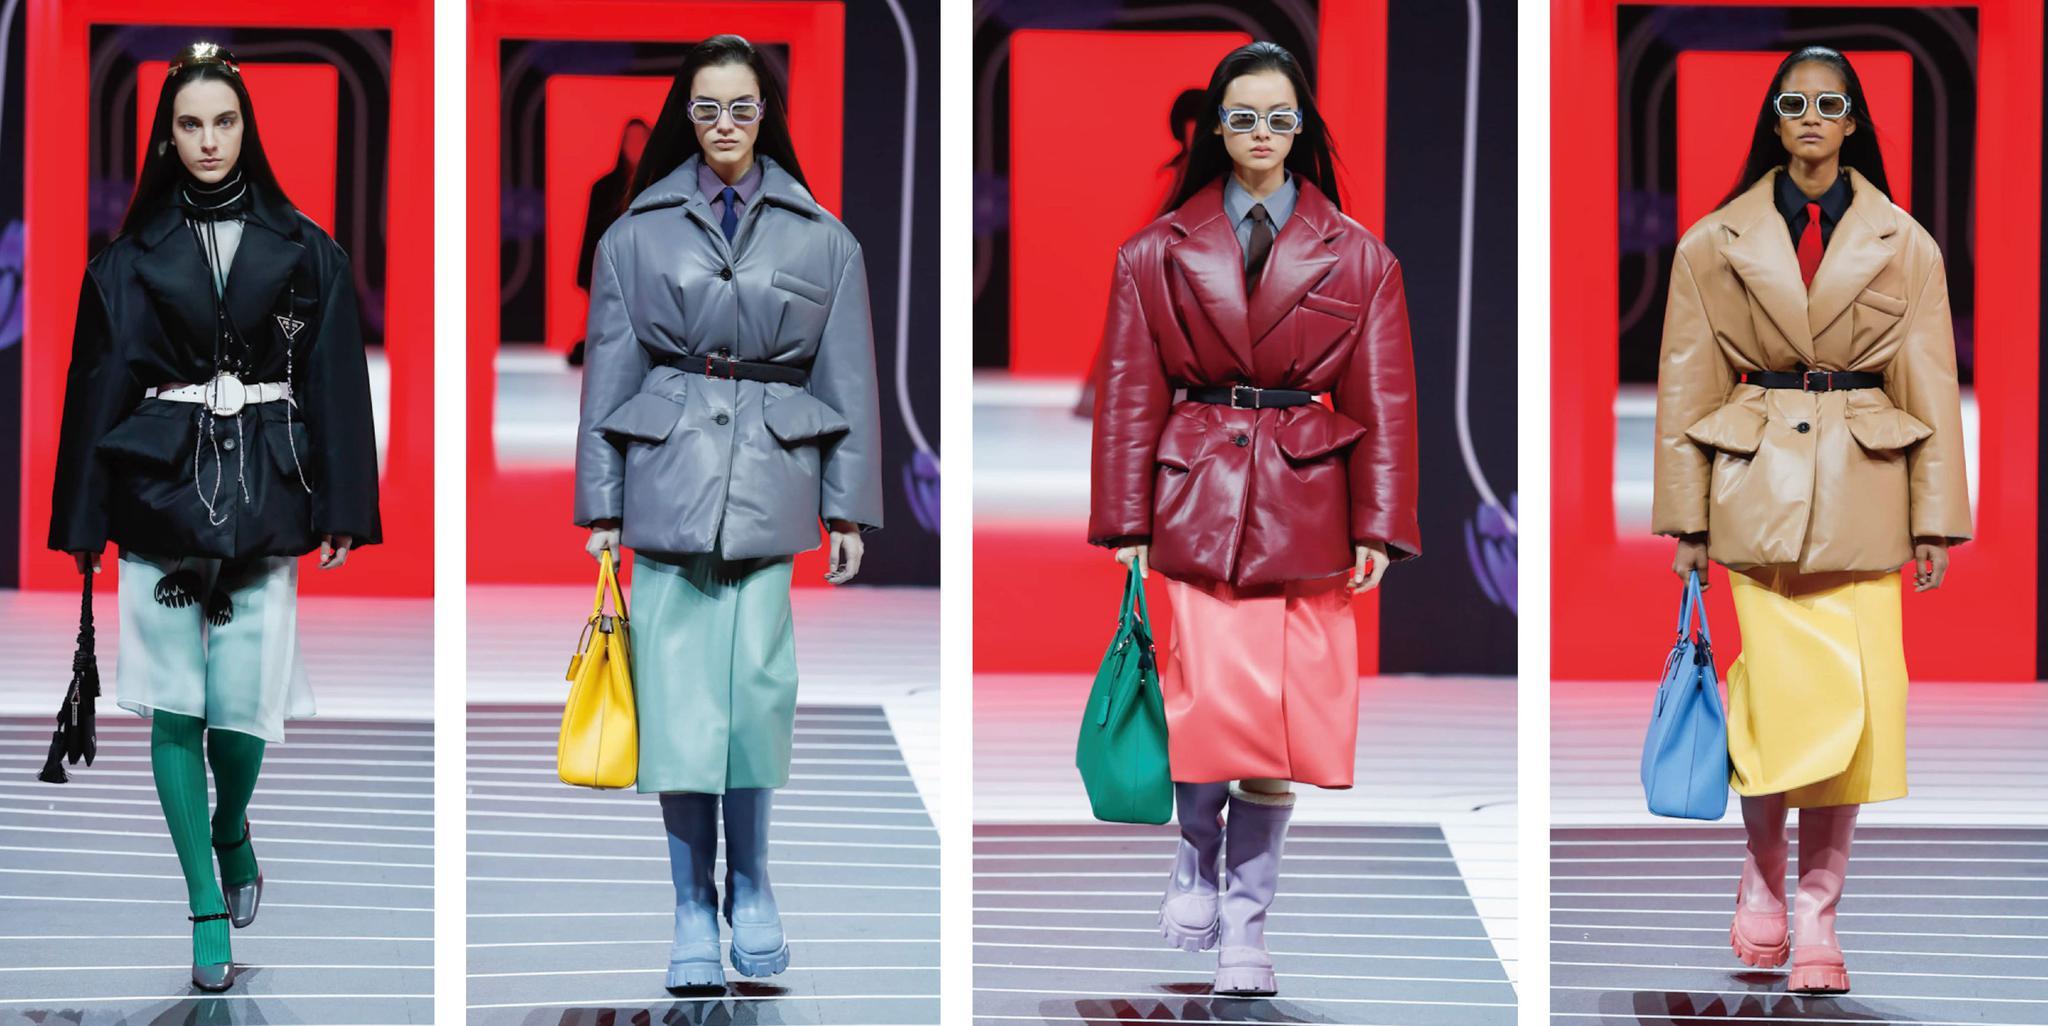 Prada 2020秋冬时装系列,每一套都展现了女性未来的无限可能